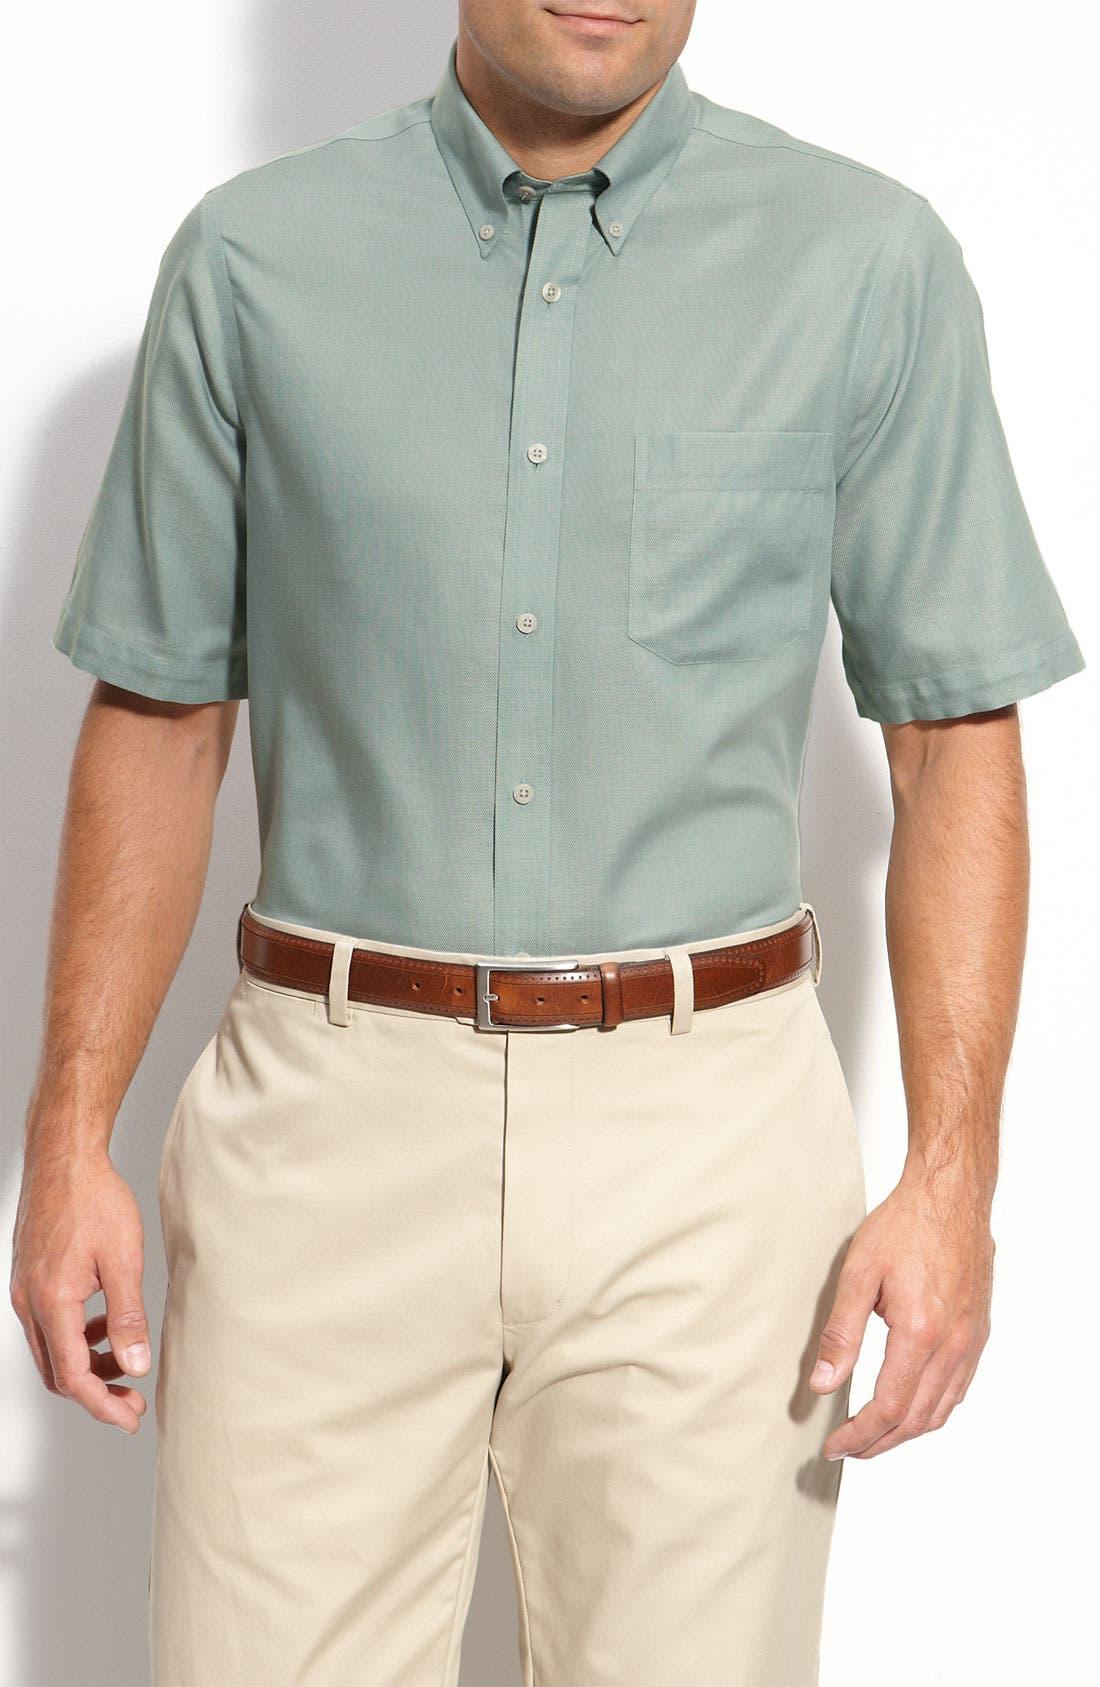 Alternate Image 1 Selected - Nordstrom Smartcare™ Sport Shirt